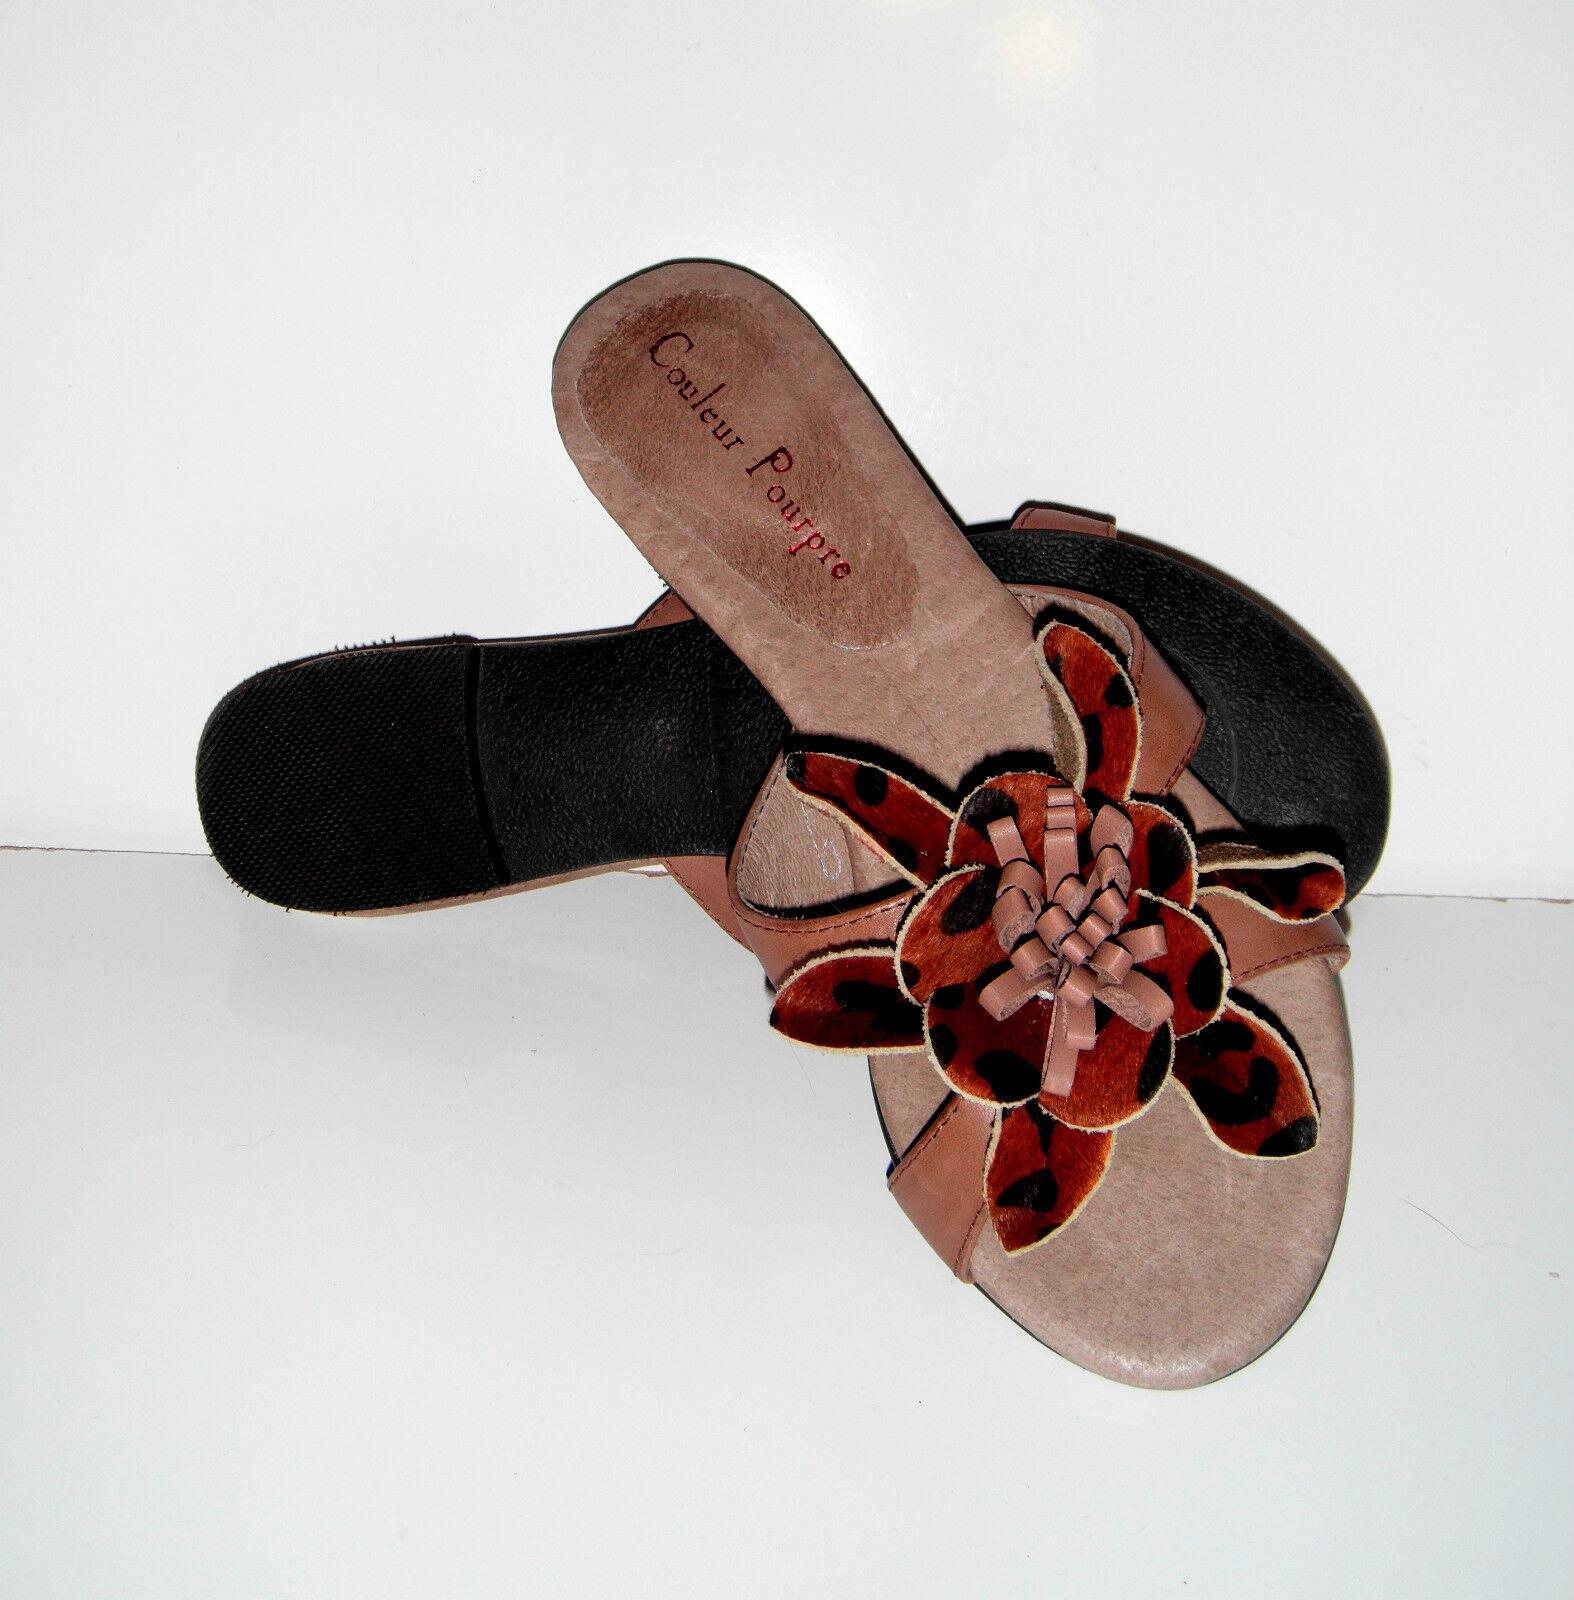 159 NEU  Couleur Pourpre Soft Braun Leder Sandale Schuhe sz 6/36 Top quality